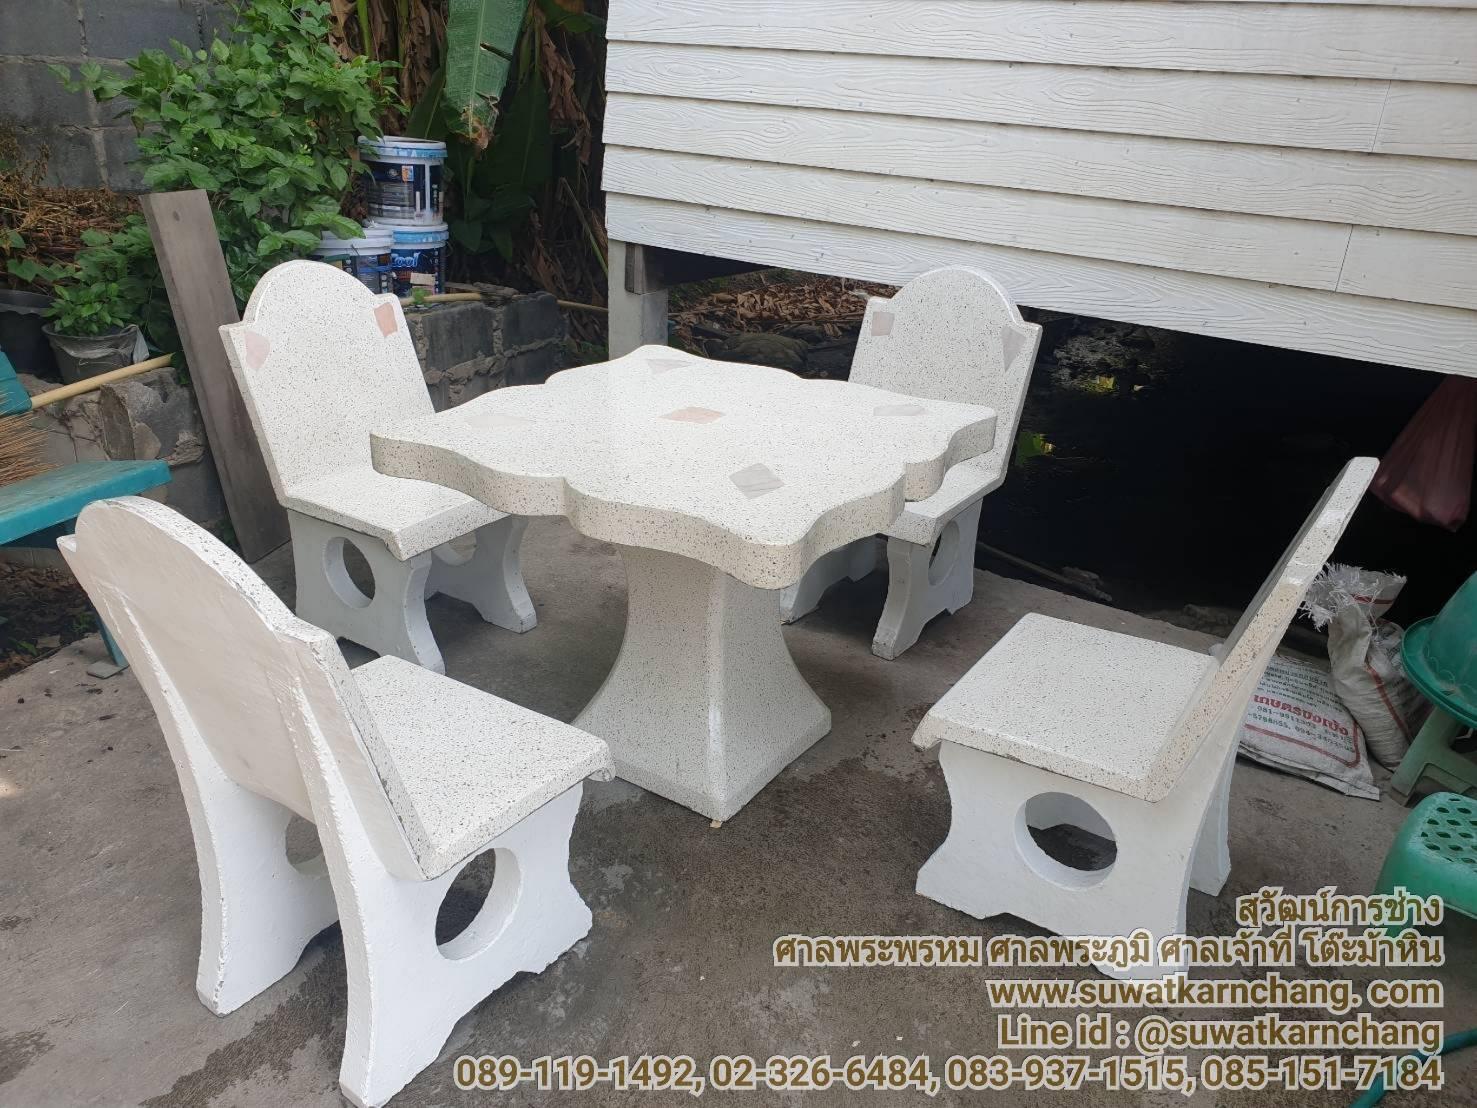 โต๊ะพิงเดี่ยวผีเสื้อ หินขัดแซม หน้า 80 ซม.